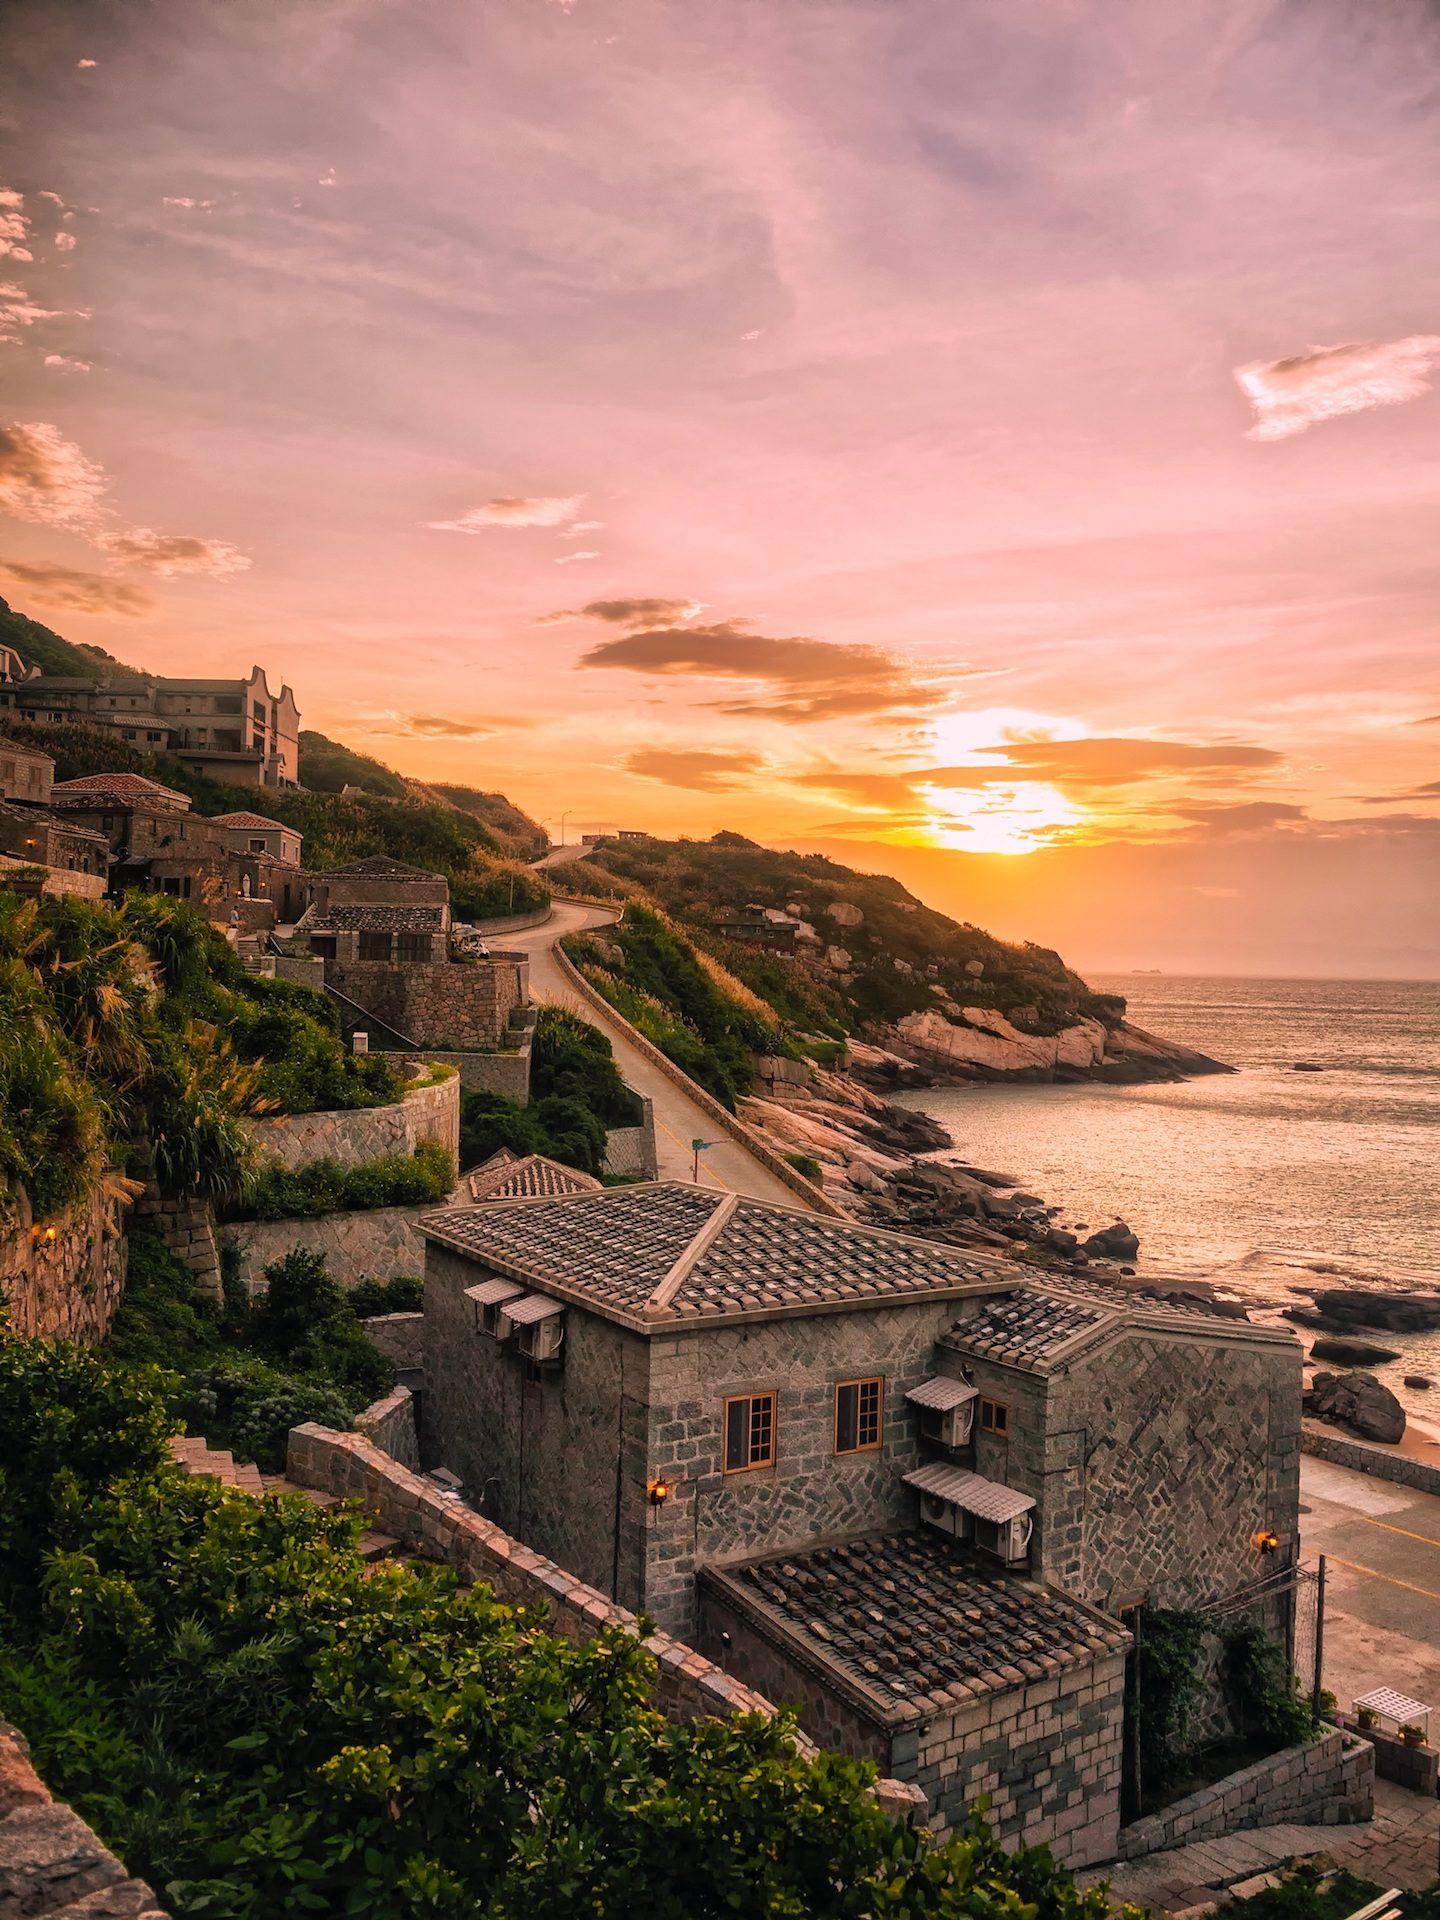 χωριό, Θάλασσα, Βουνό, Ηλιοβασίλεμα, Κυρ, Νήσοι Ματσού, Ταϊβάν - Wallpapers HD - Professor-falken.com